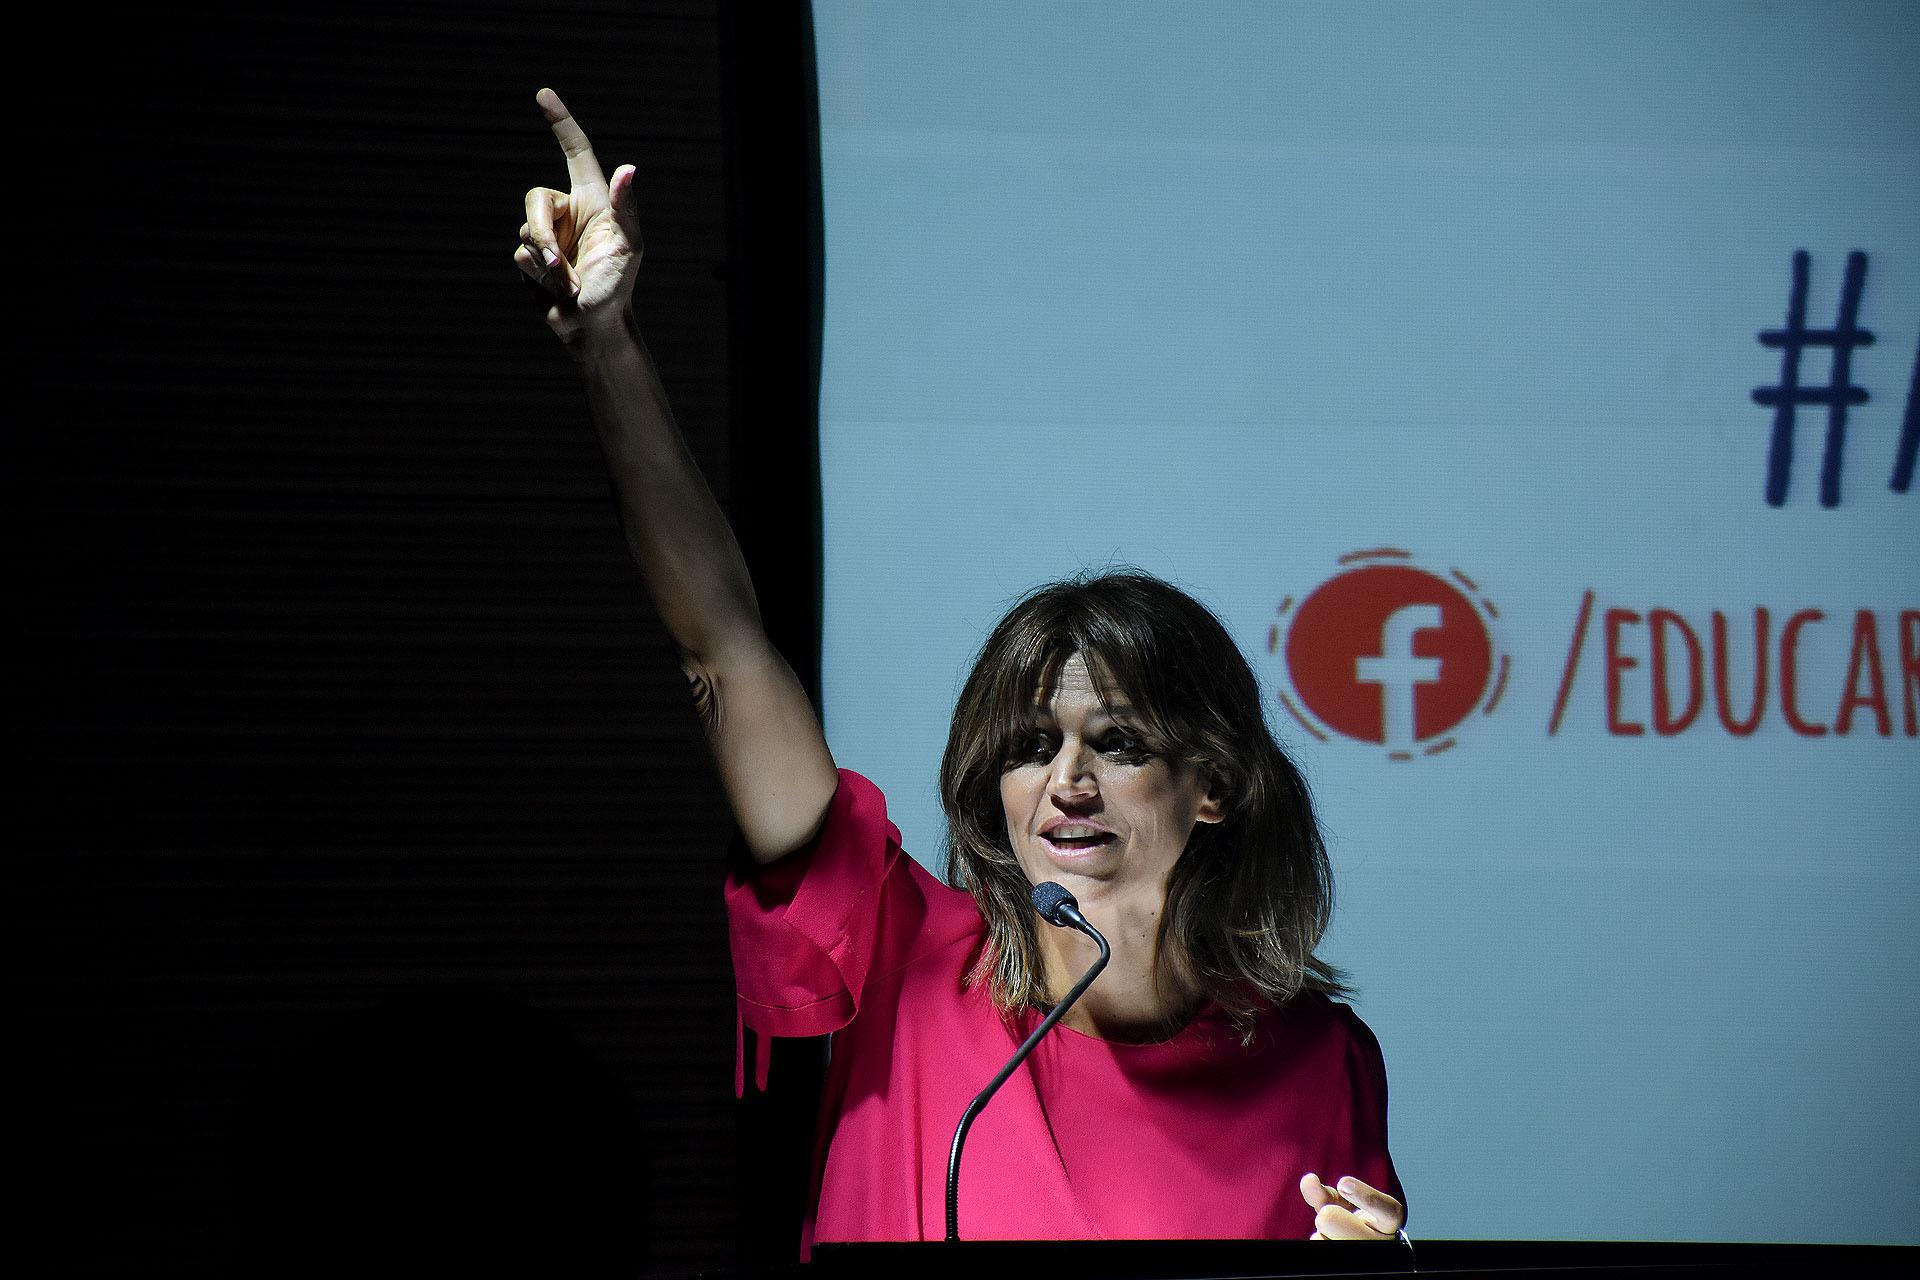 La conducción del evento estuvo a cargo de María Freytes